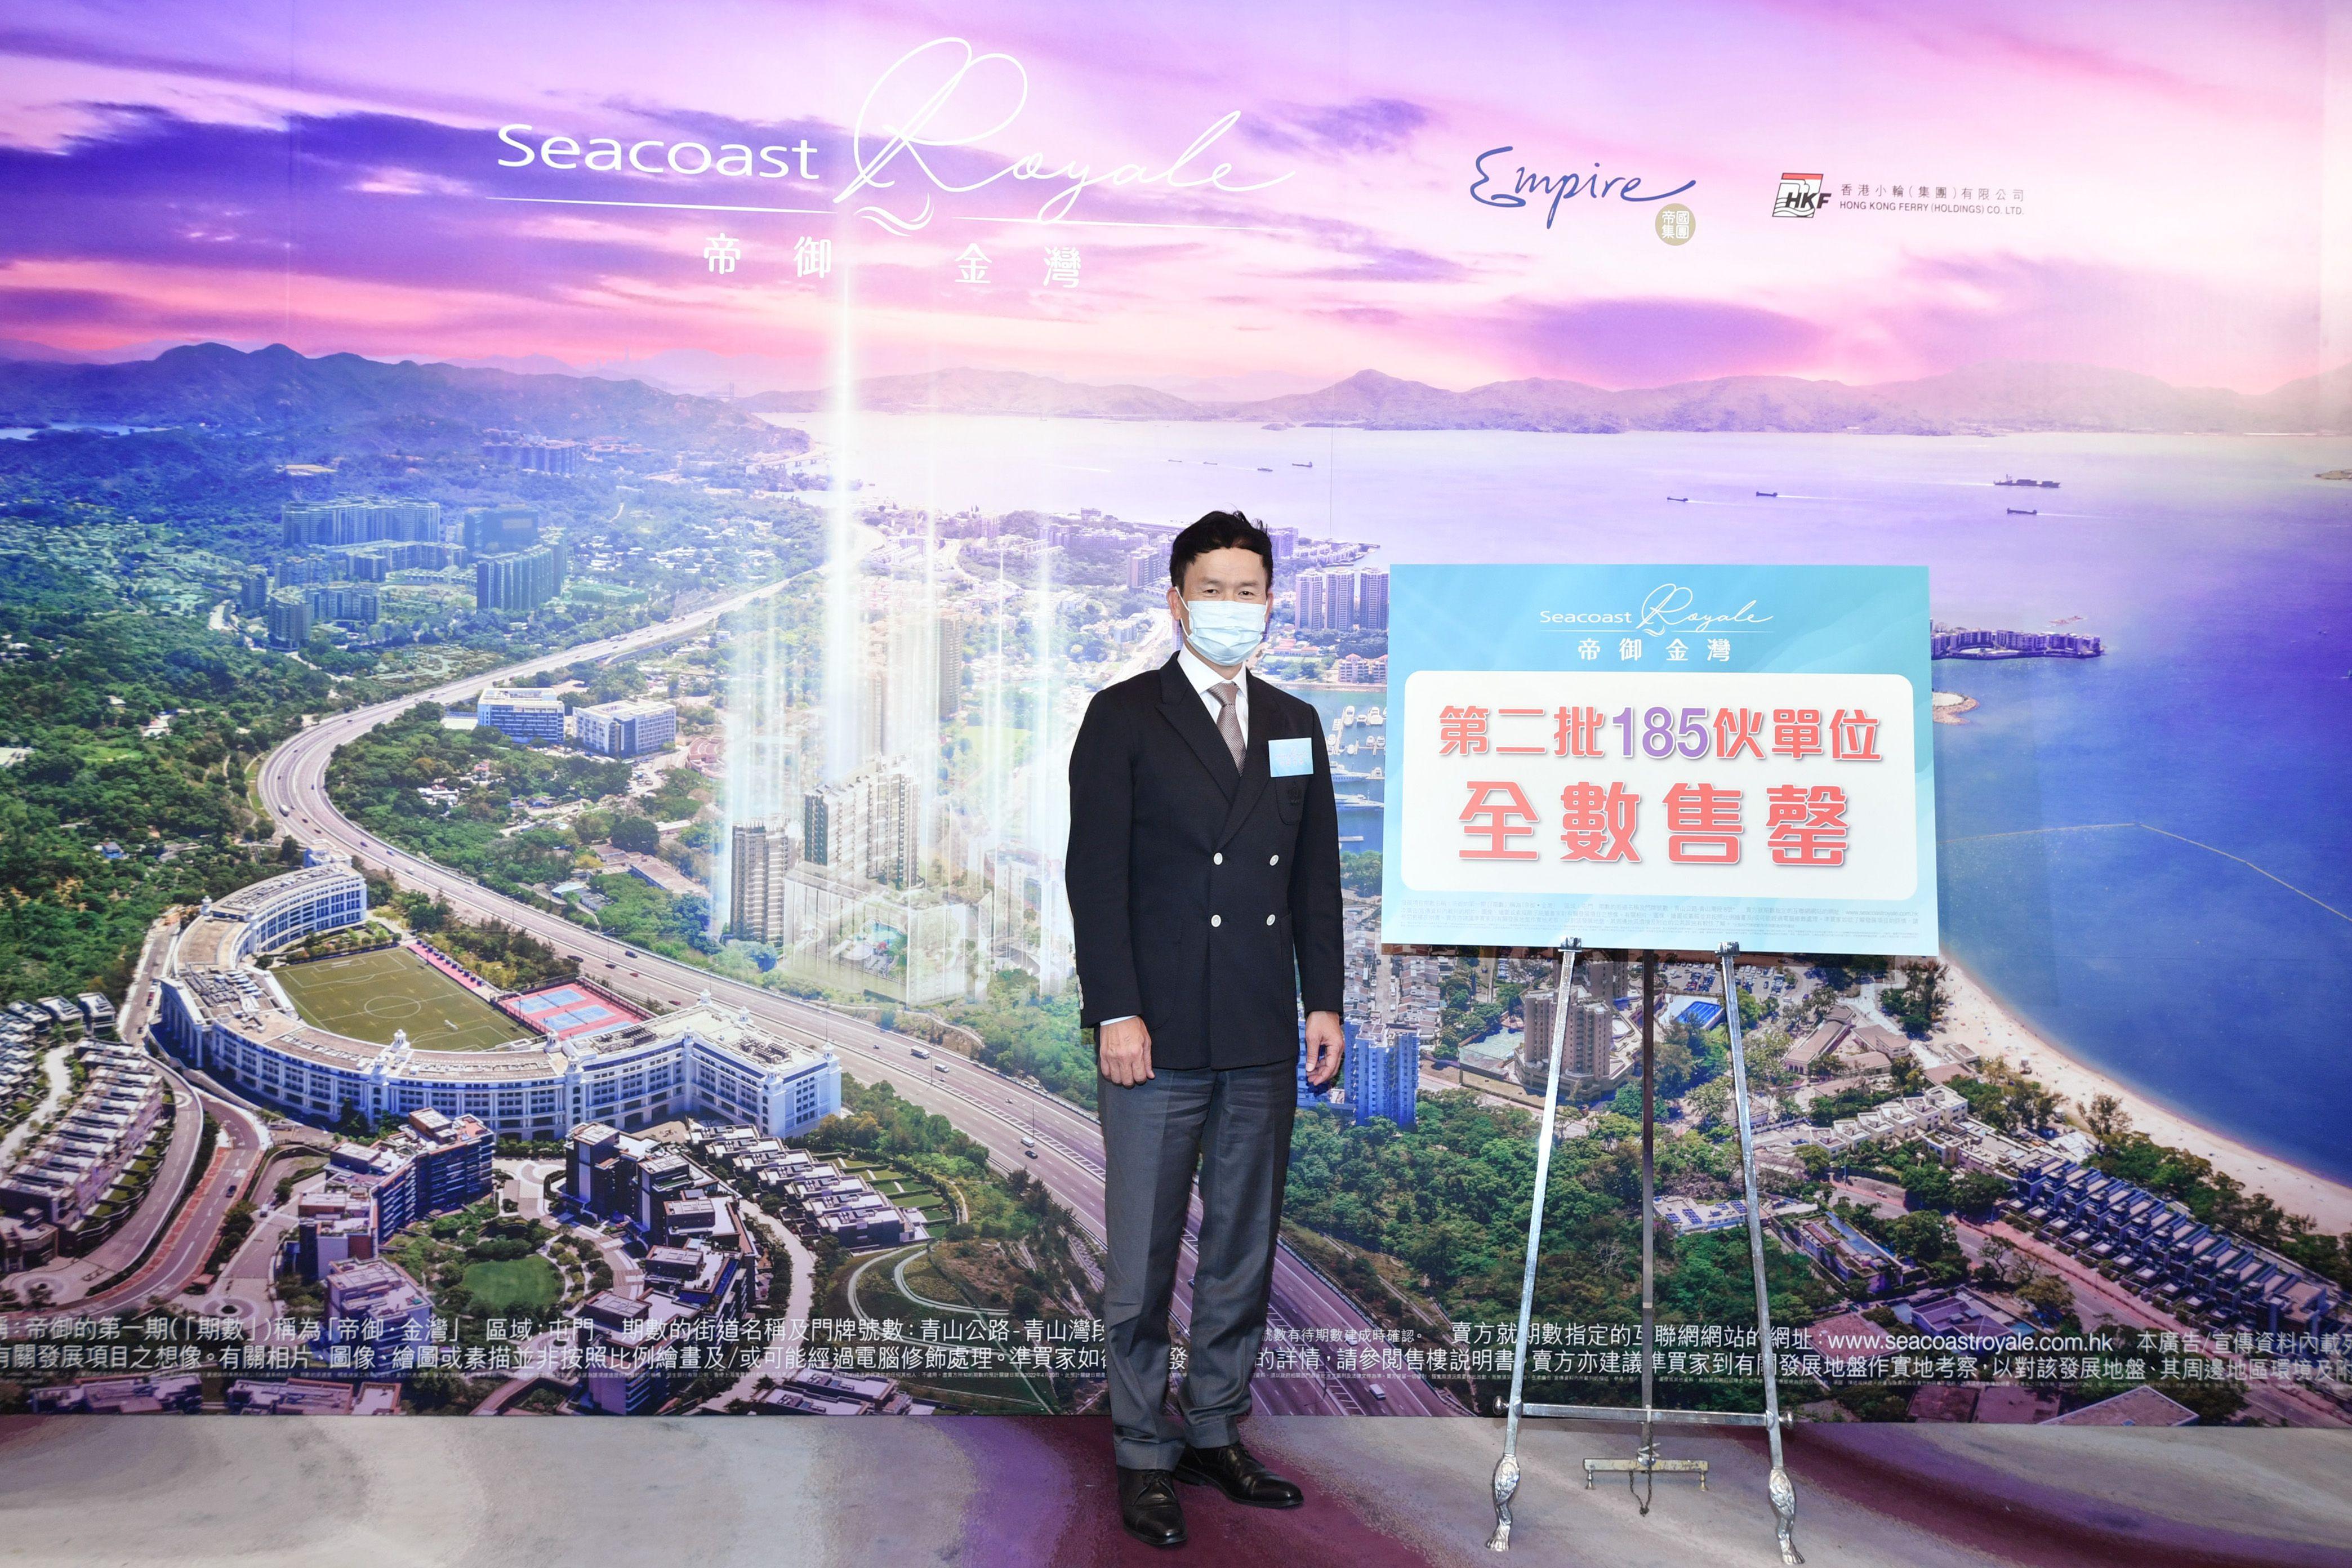 帝御.金灣次輪185伙即日沽清 | 多倫多 | 加拿大中文新聞網 - 加拿大星島日報 Canada Chinese News